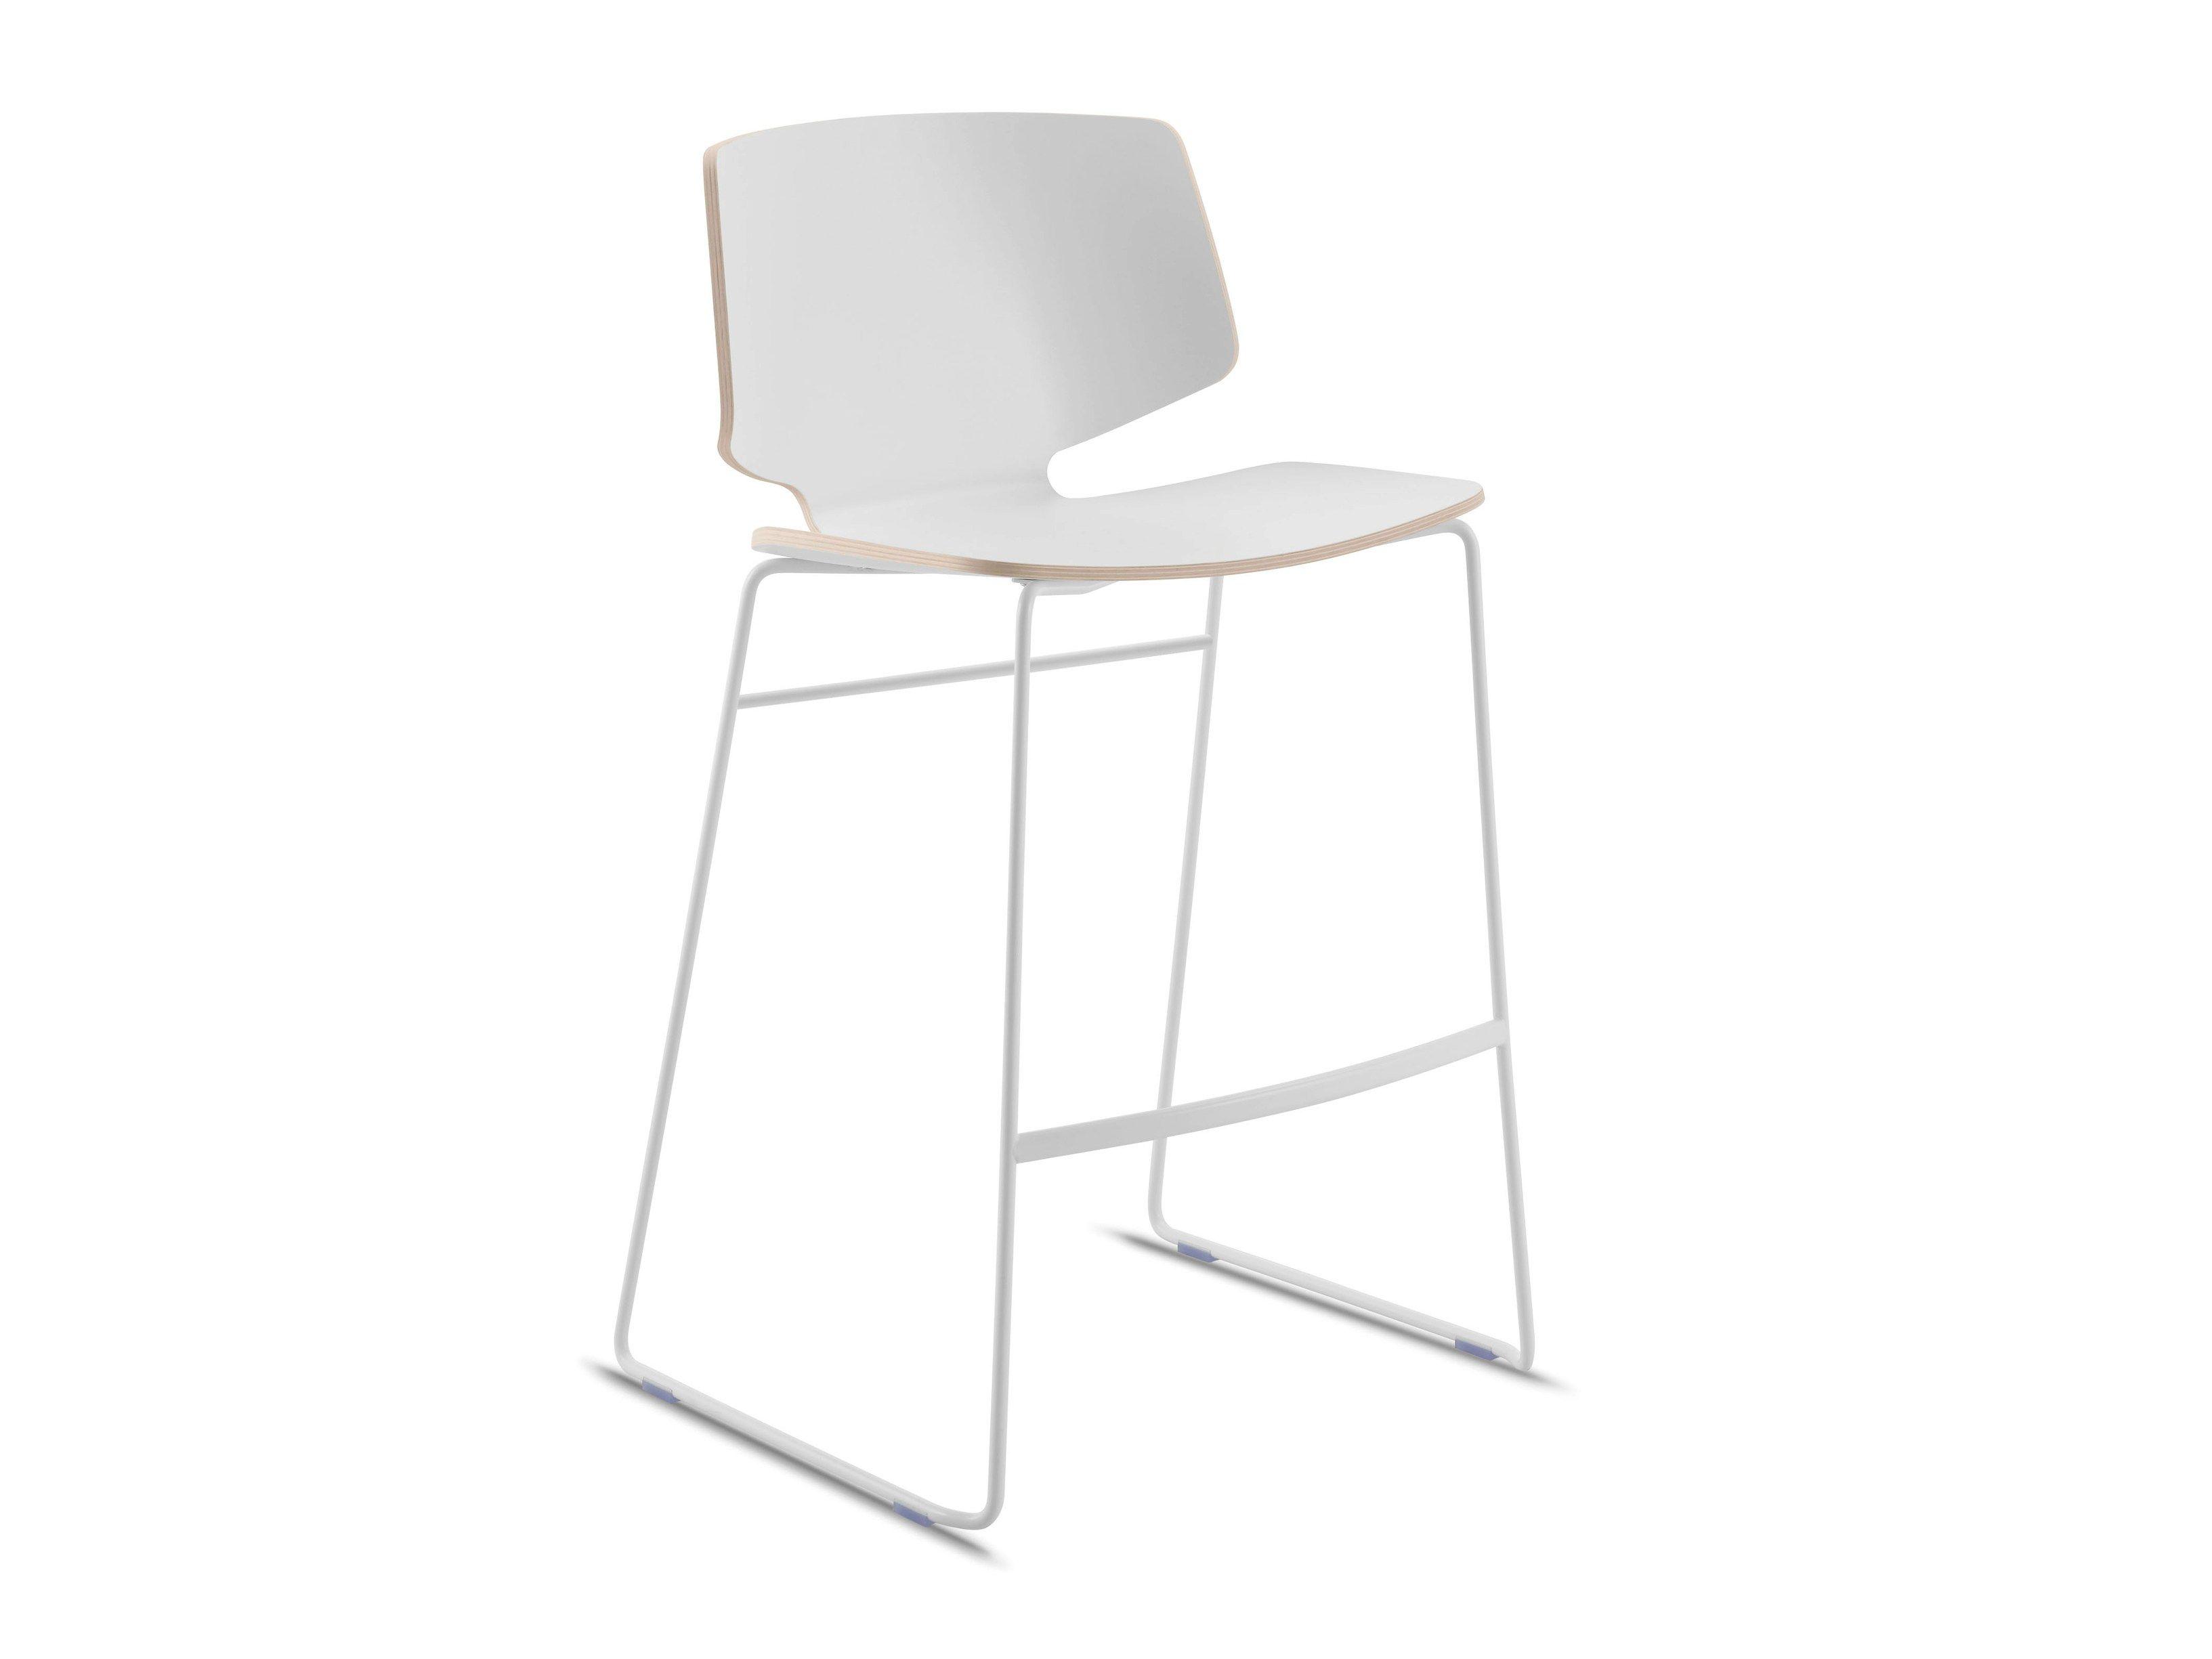 Idees de remodelage petite cuisine moderne - Chaise de bar fly ...